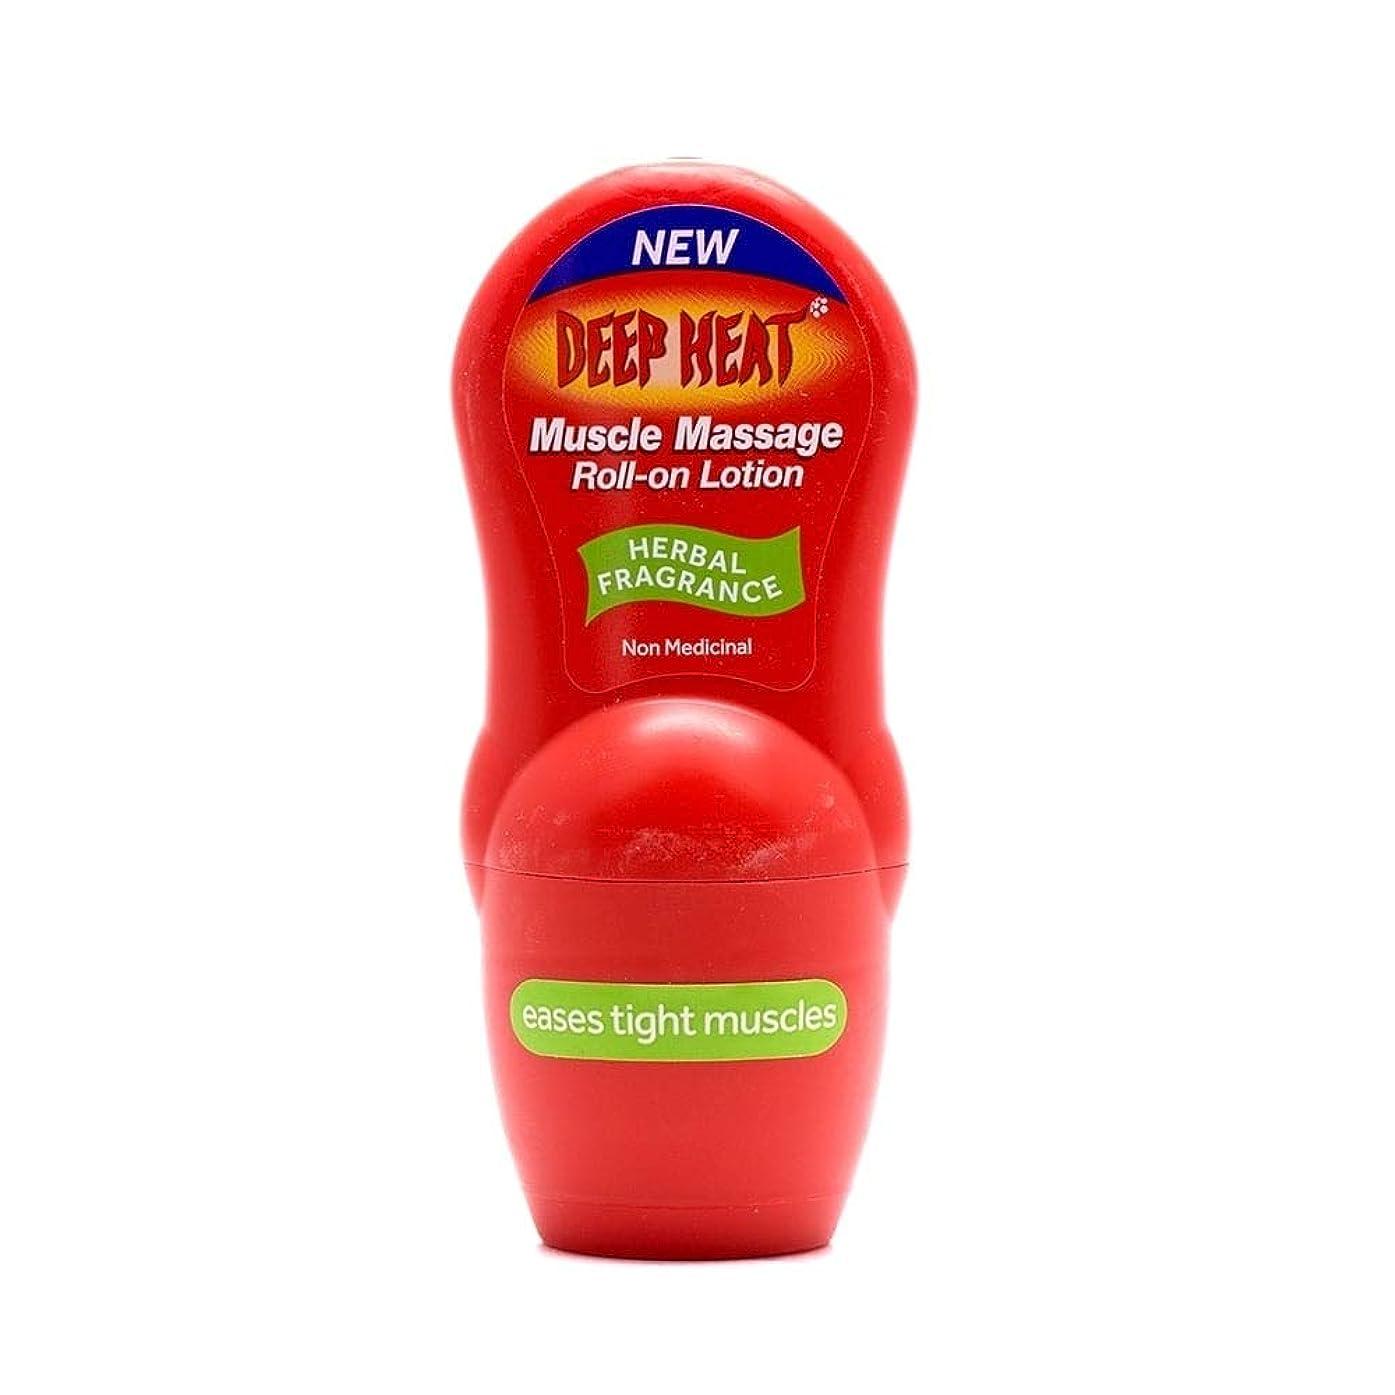 再現する出版割れ目Deep Heat 50 ml Muscle Massage Roll-On Lotion by Deep Heat